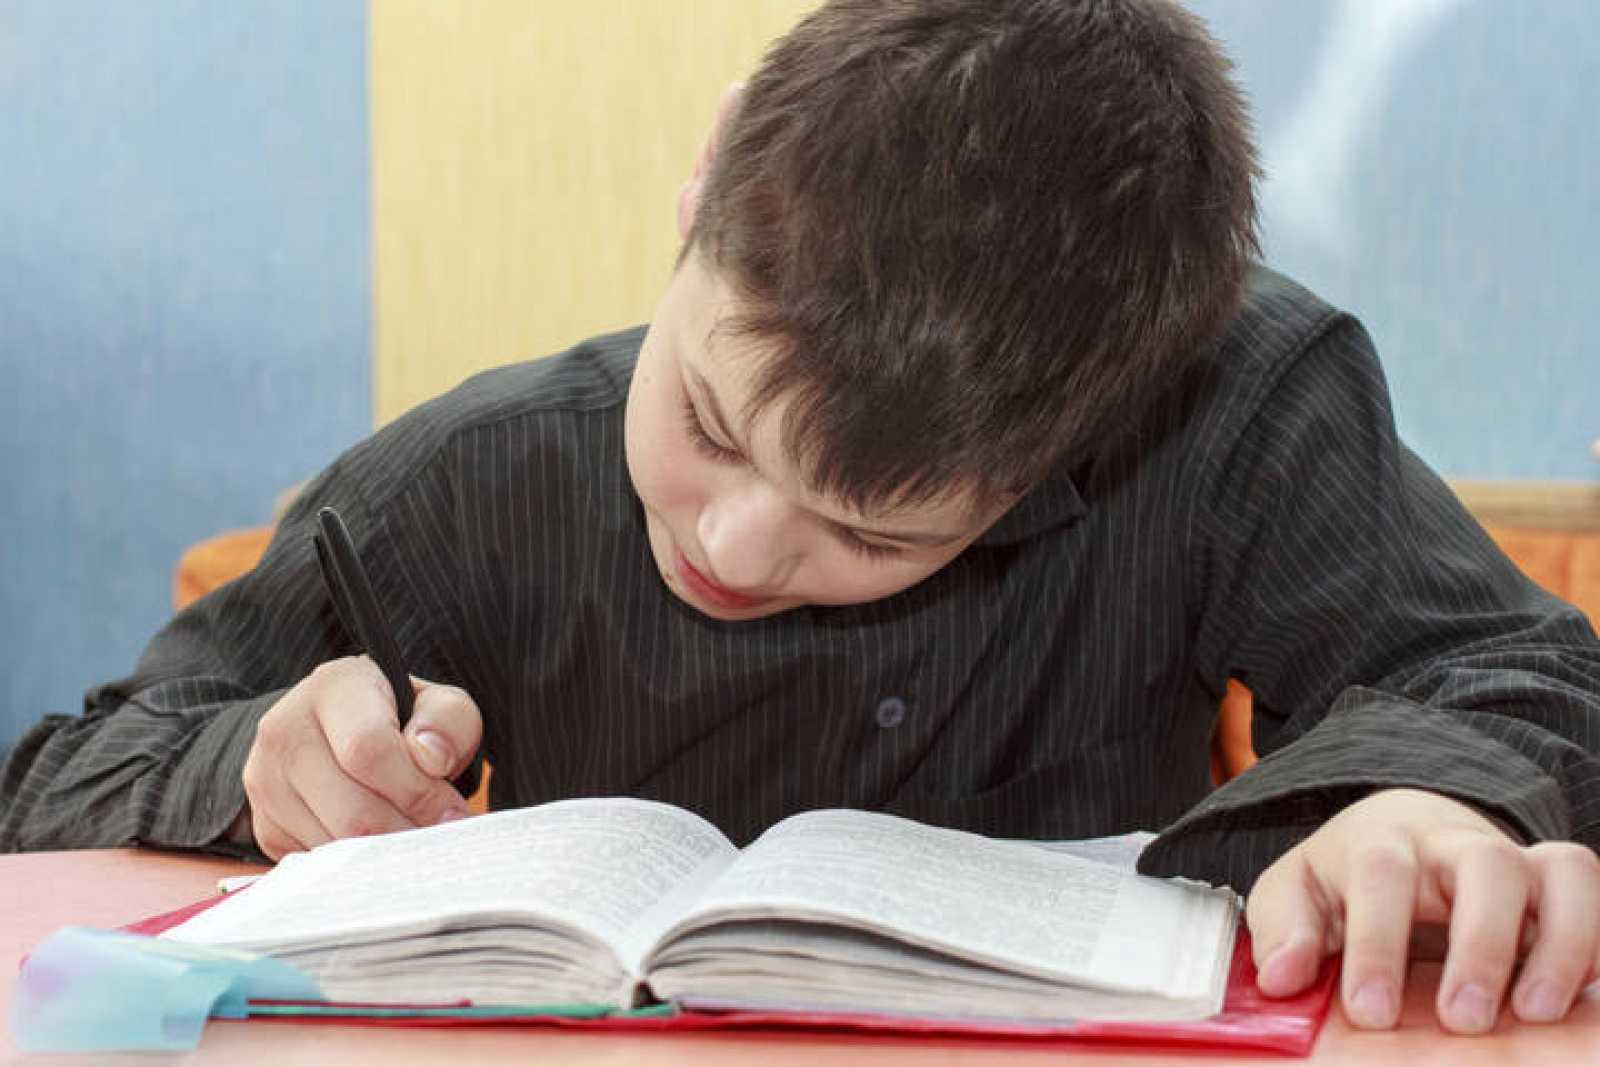 Niño haciendo los deberes con un libro de texto.